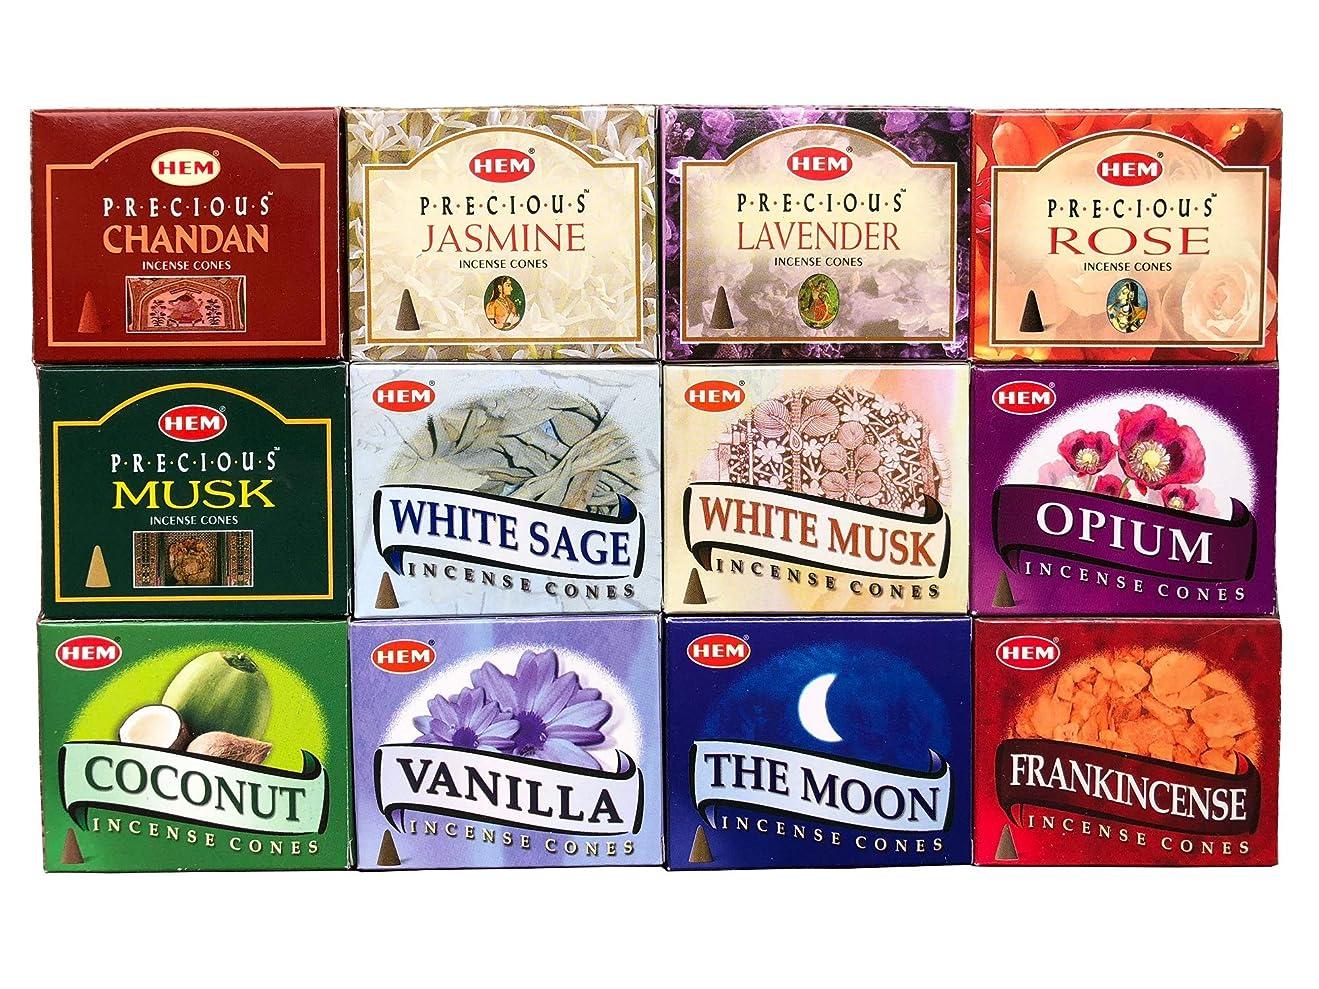 素敵な食料品店論理的にお香 コーン 12種類12箱セット アソートパック インド HEM社 アロマ